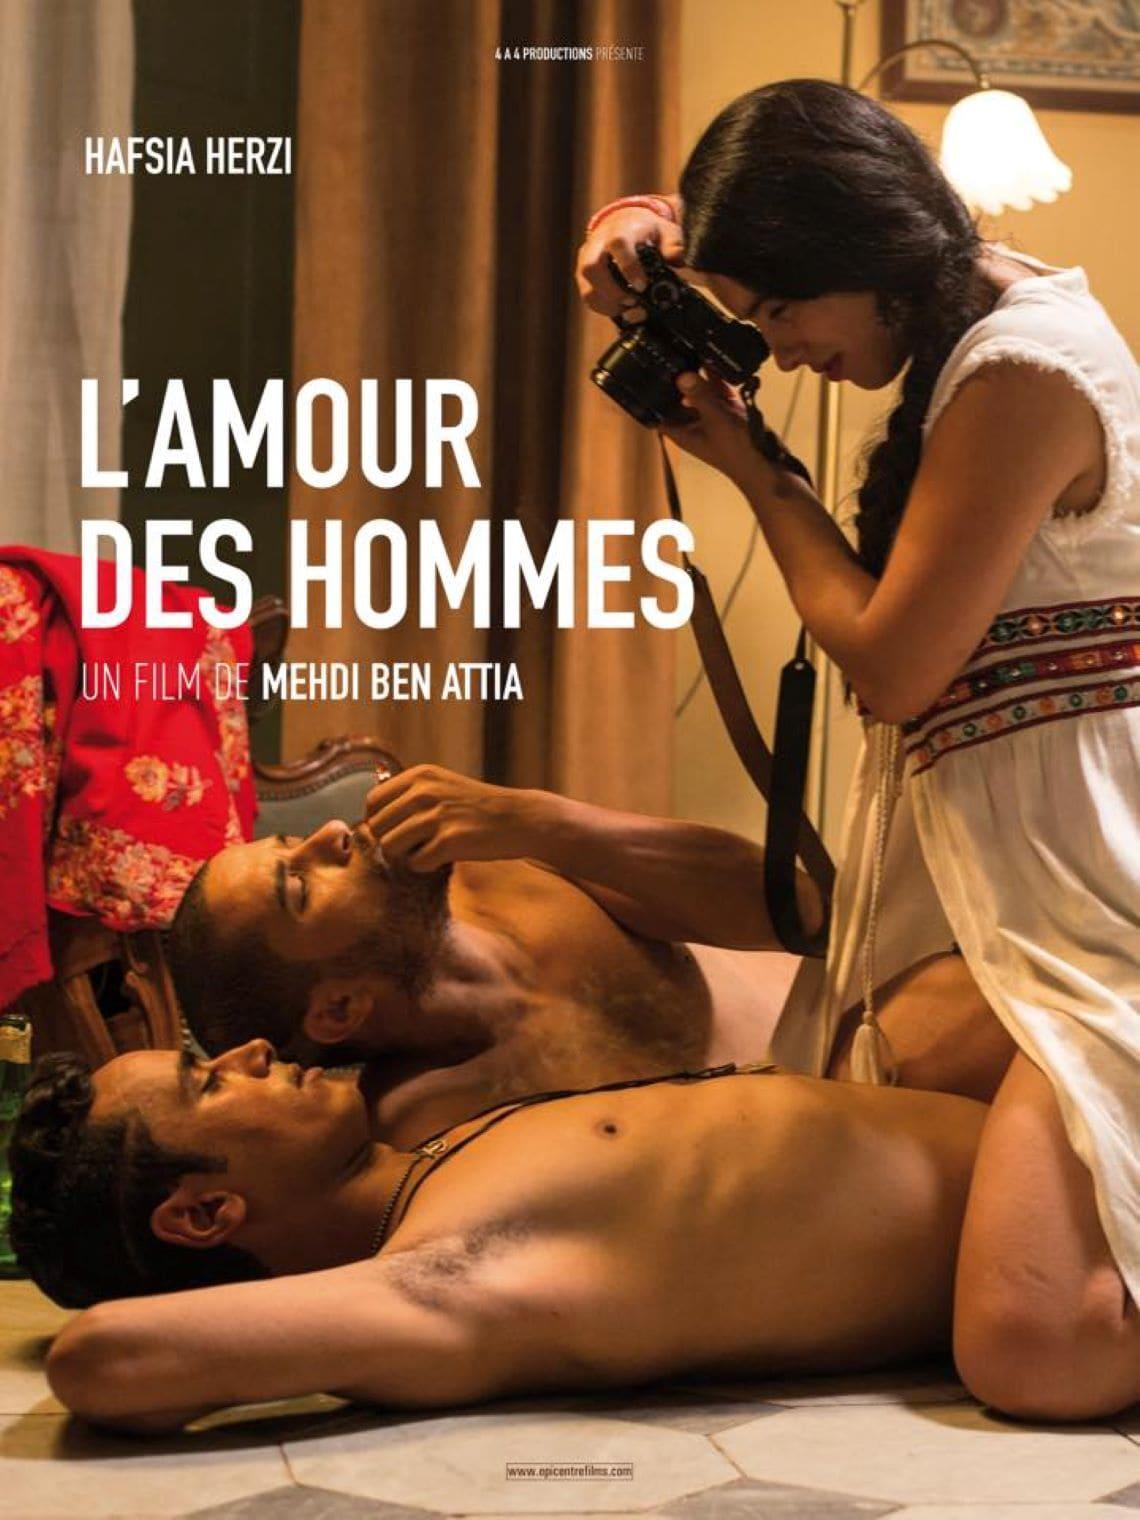 Affiche de L'Amour des hommes - photo Amel Guellaty